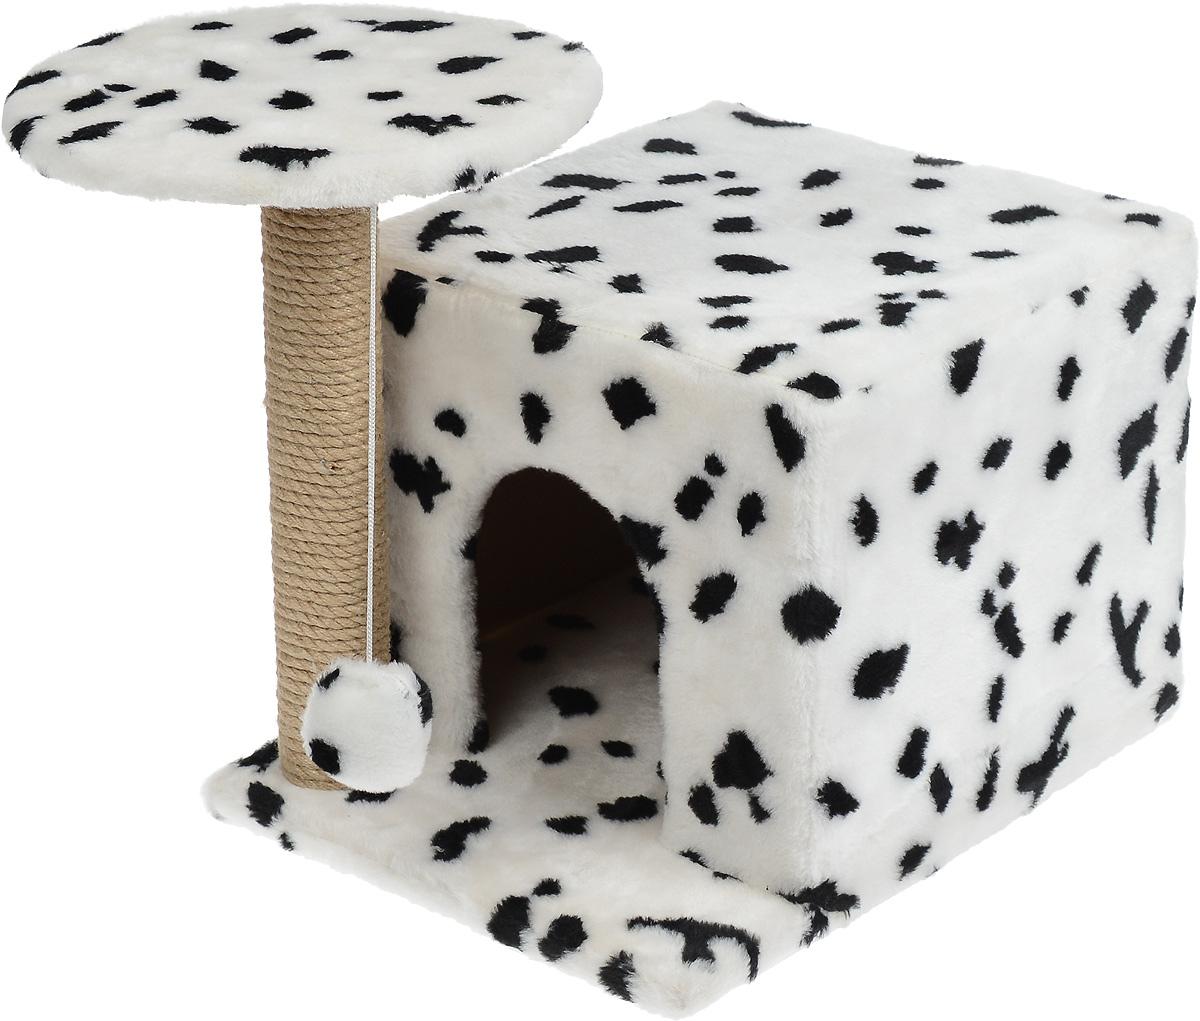 Игровой комплекс для кошек  Меридиан , с когтеточкой и домиком, цвет: белый, черный, бежевый, 35 х 45 х 45 см - Когтеточки и игровые комплексы